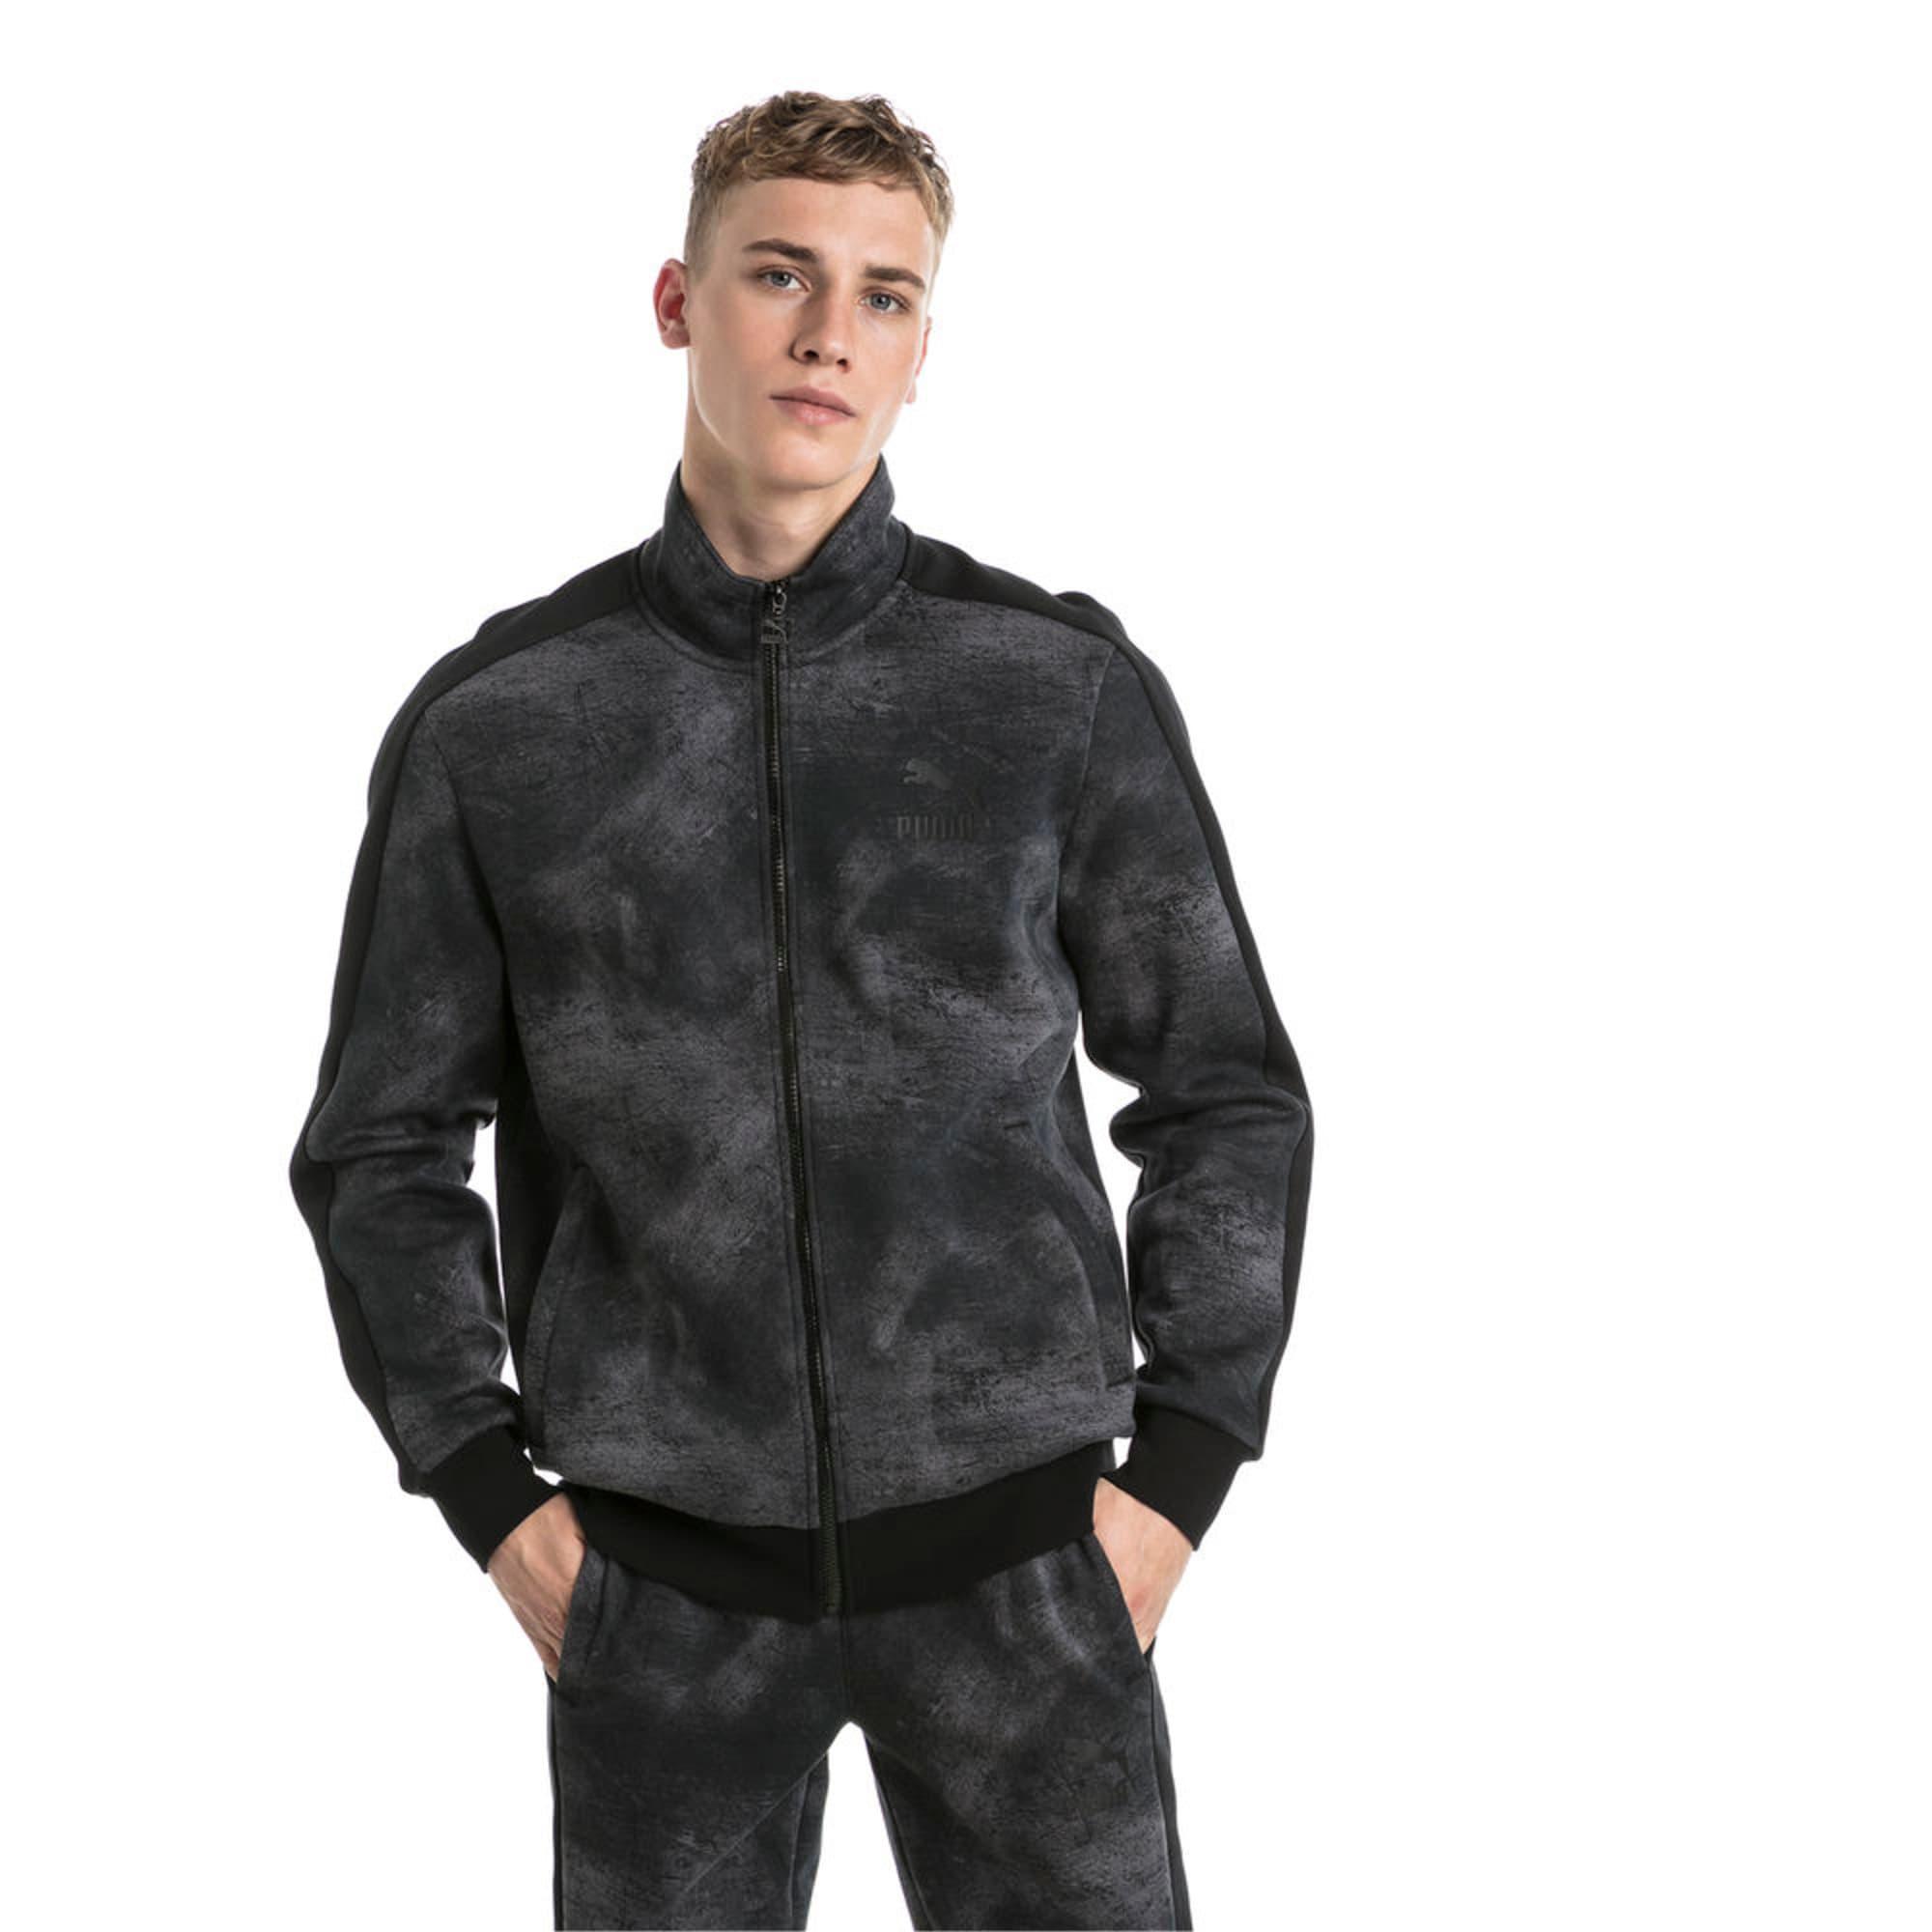 Thumbnail 2 of Classics All-Over Print T7 Men's Jacket, Puma Black-2, medium-IND